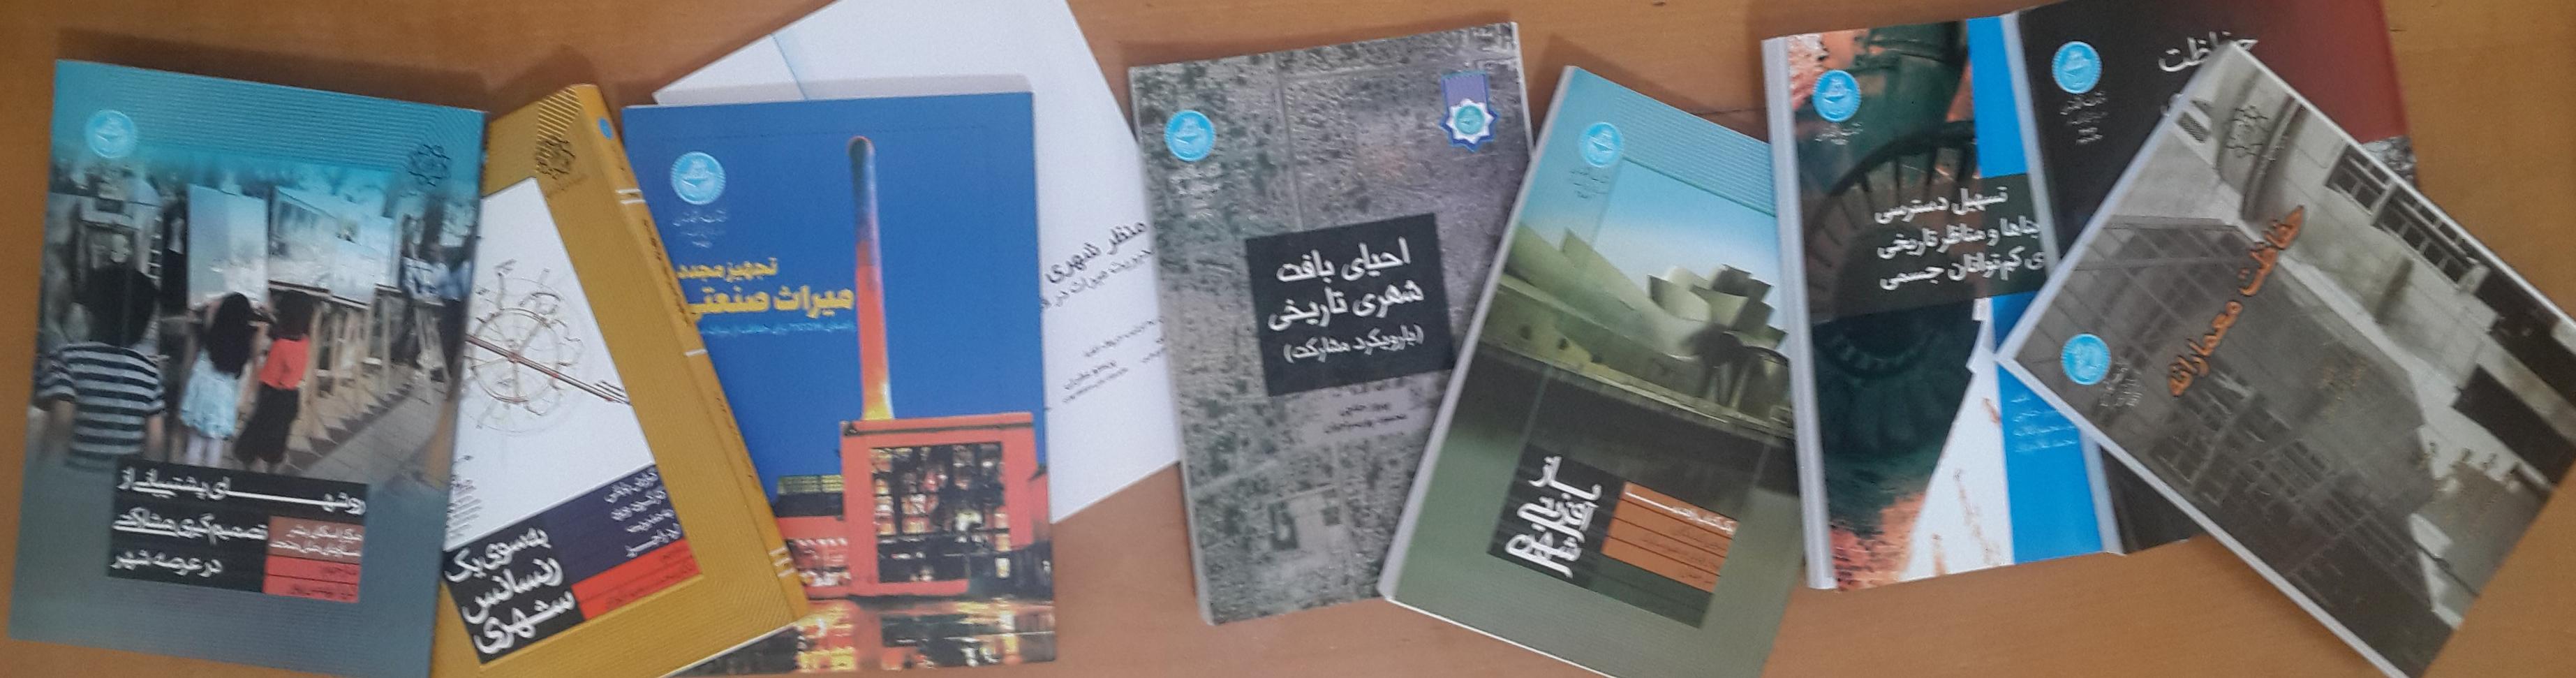 تعدادی از کتابهای منتشر شده توسط پژوهشکده فرهنگ و هنر